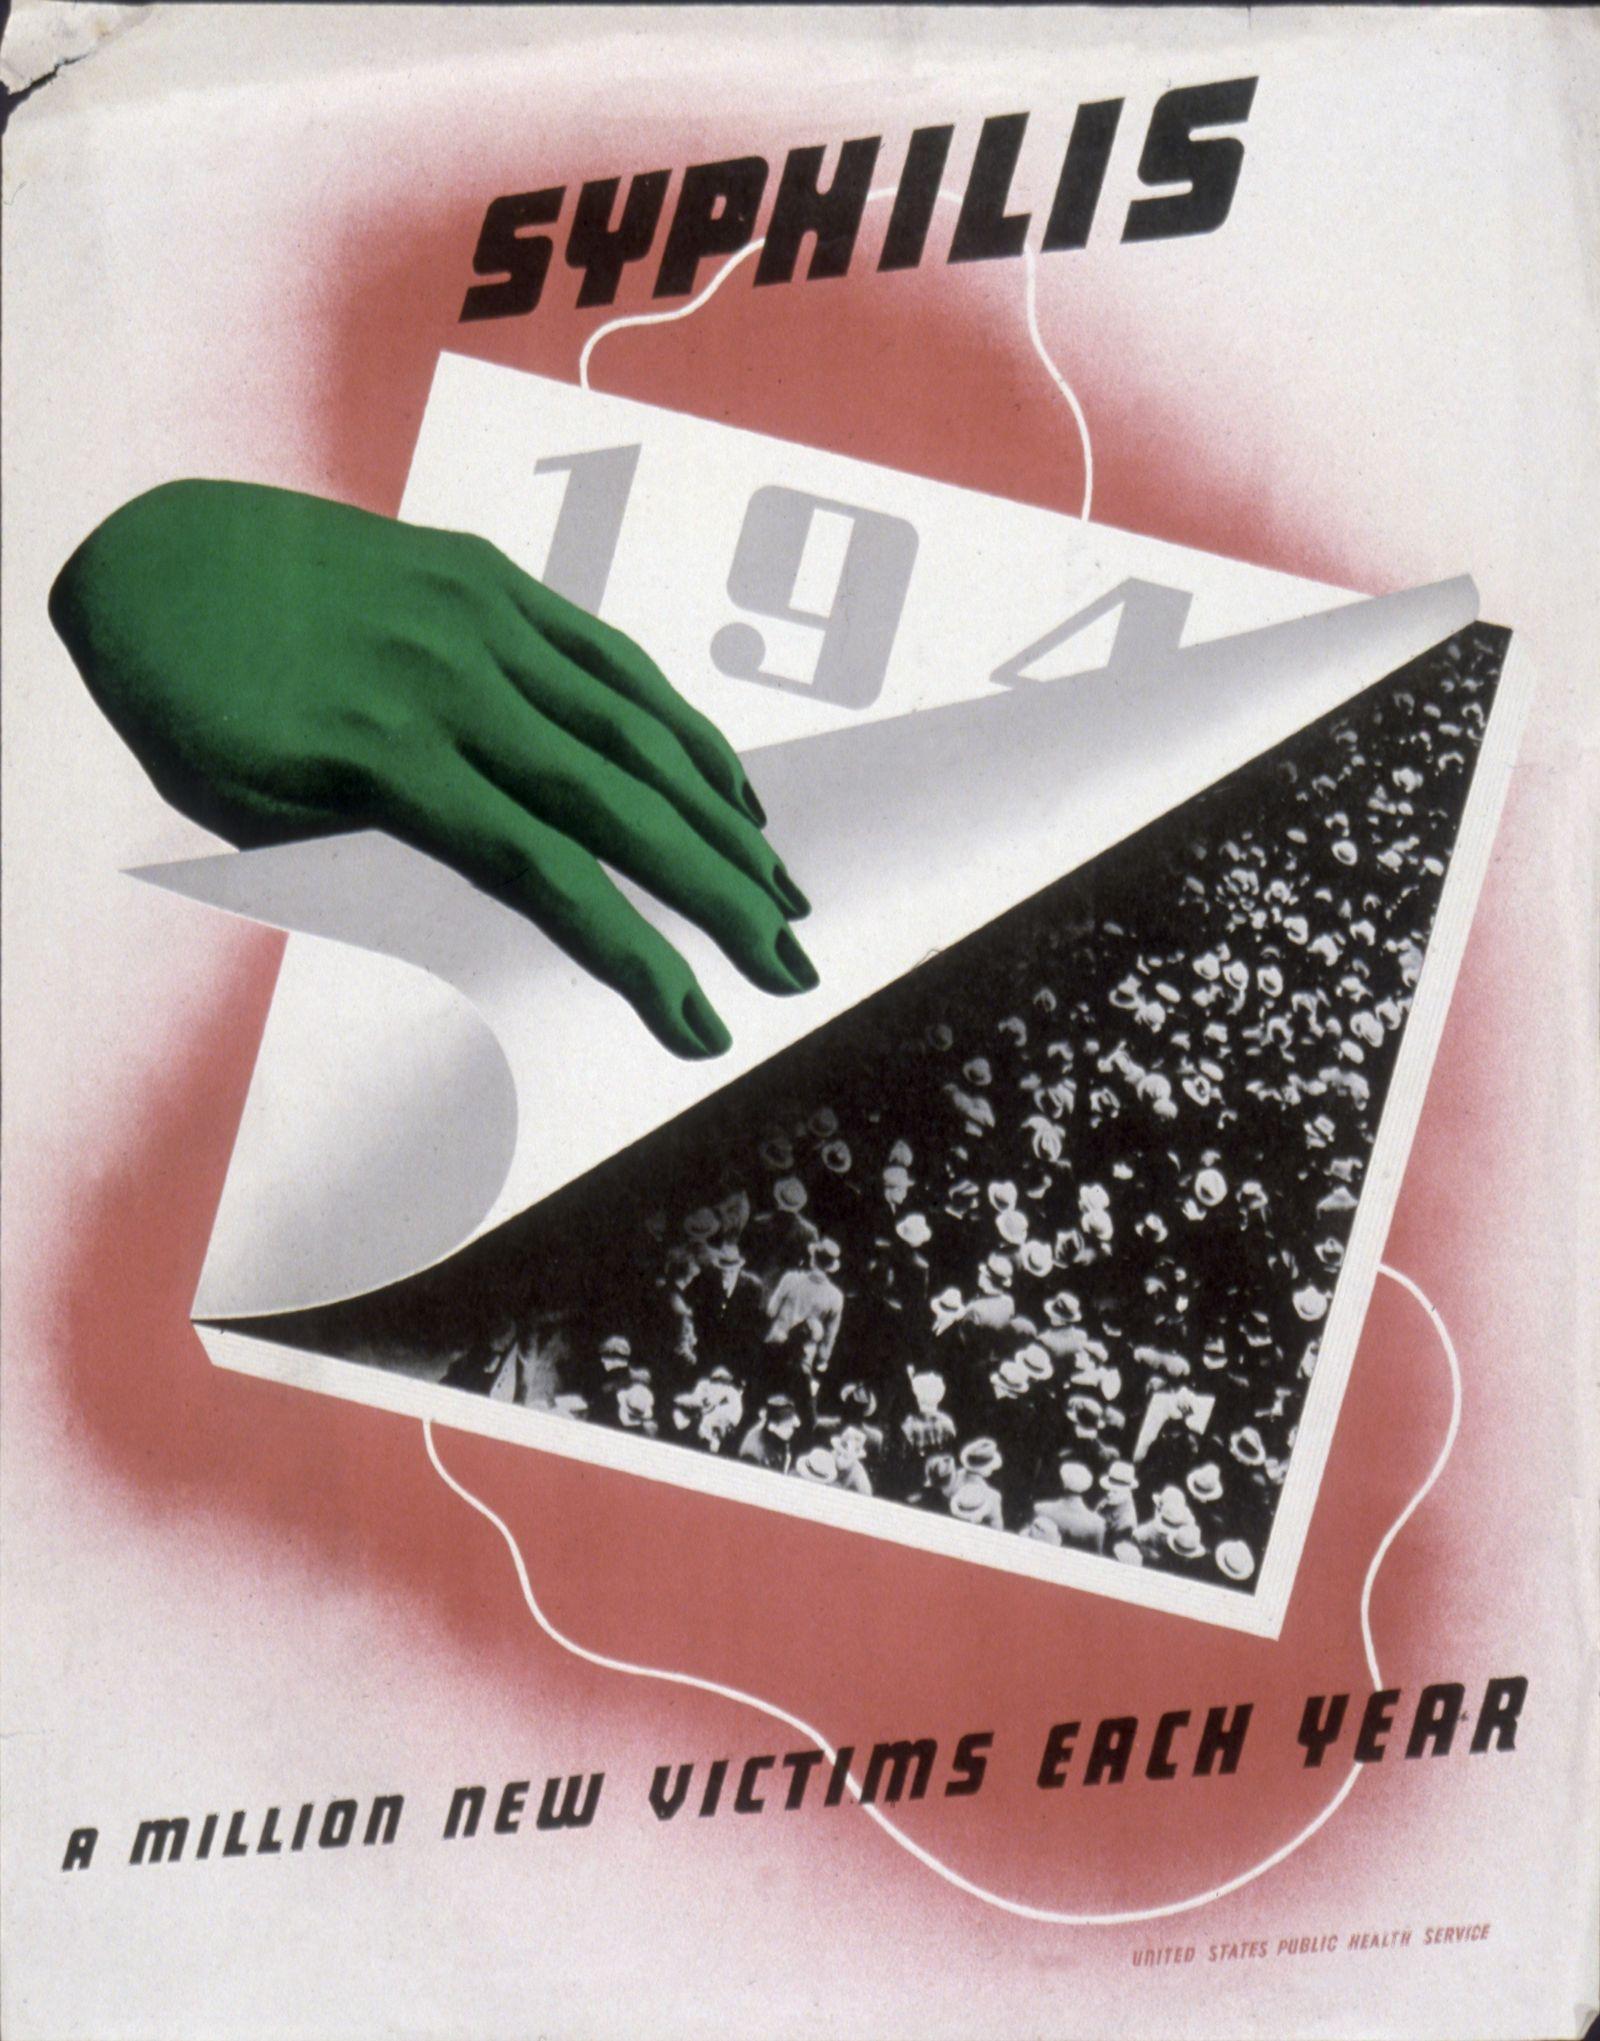 Syphilis 1940 / USA